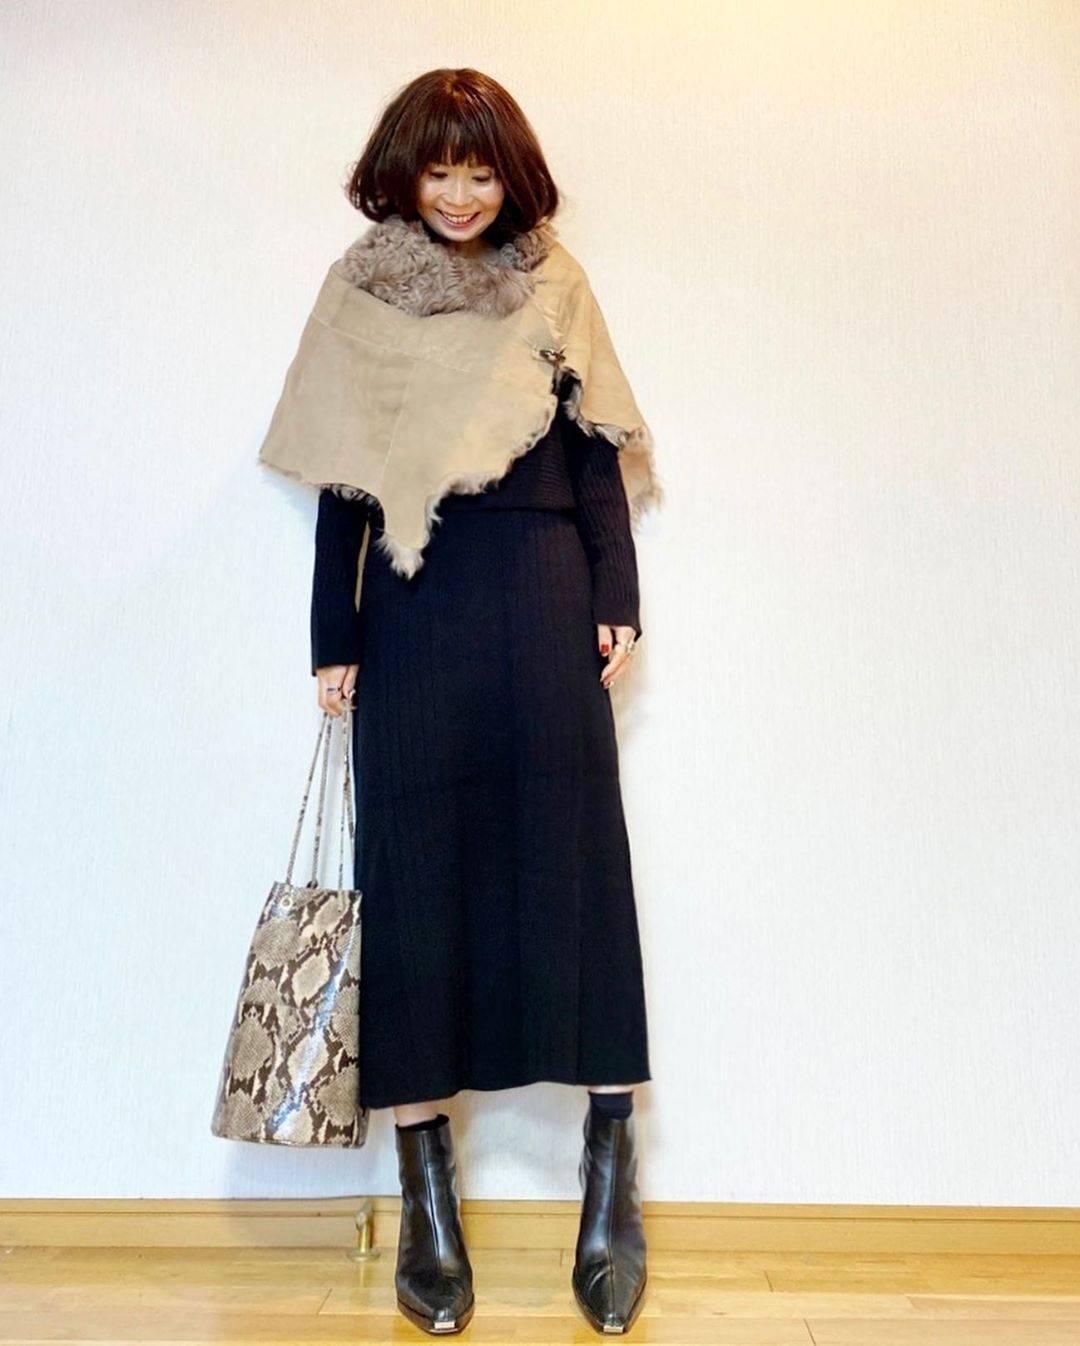 最高気温14度・最低気温5度 acmee.chiyoの服装